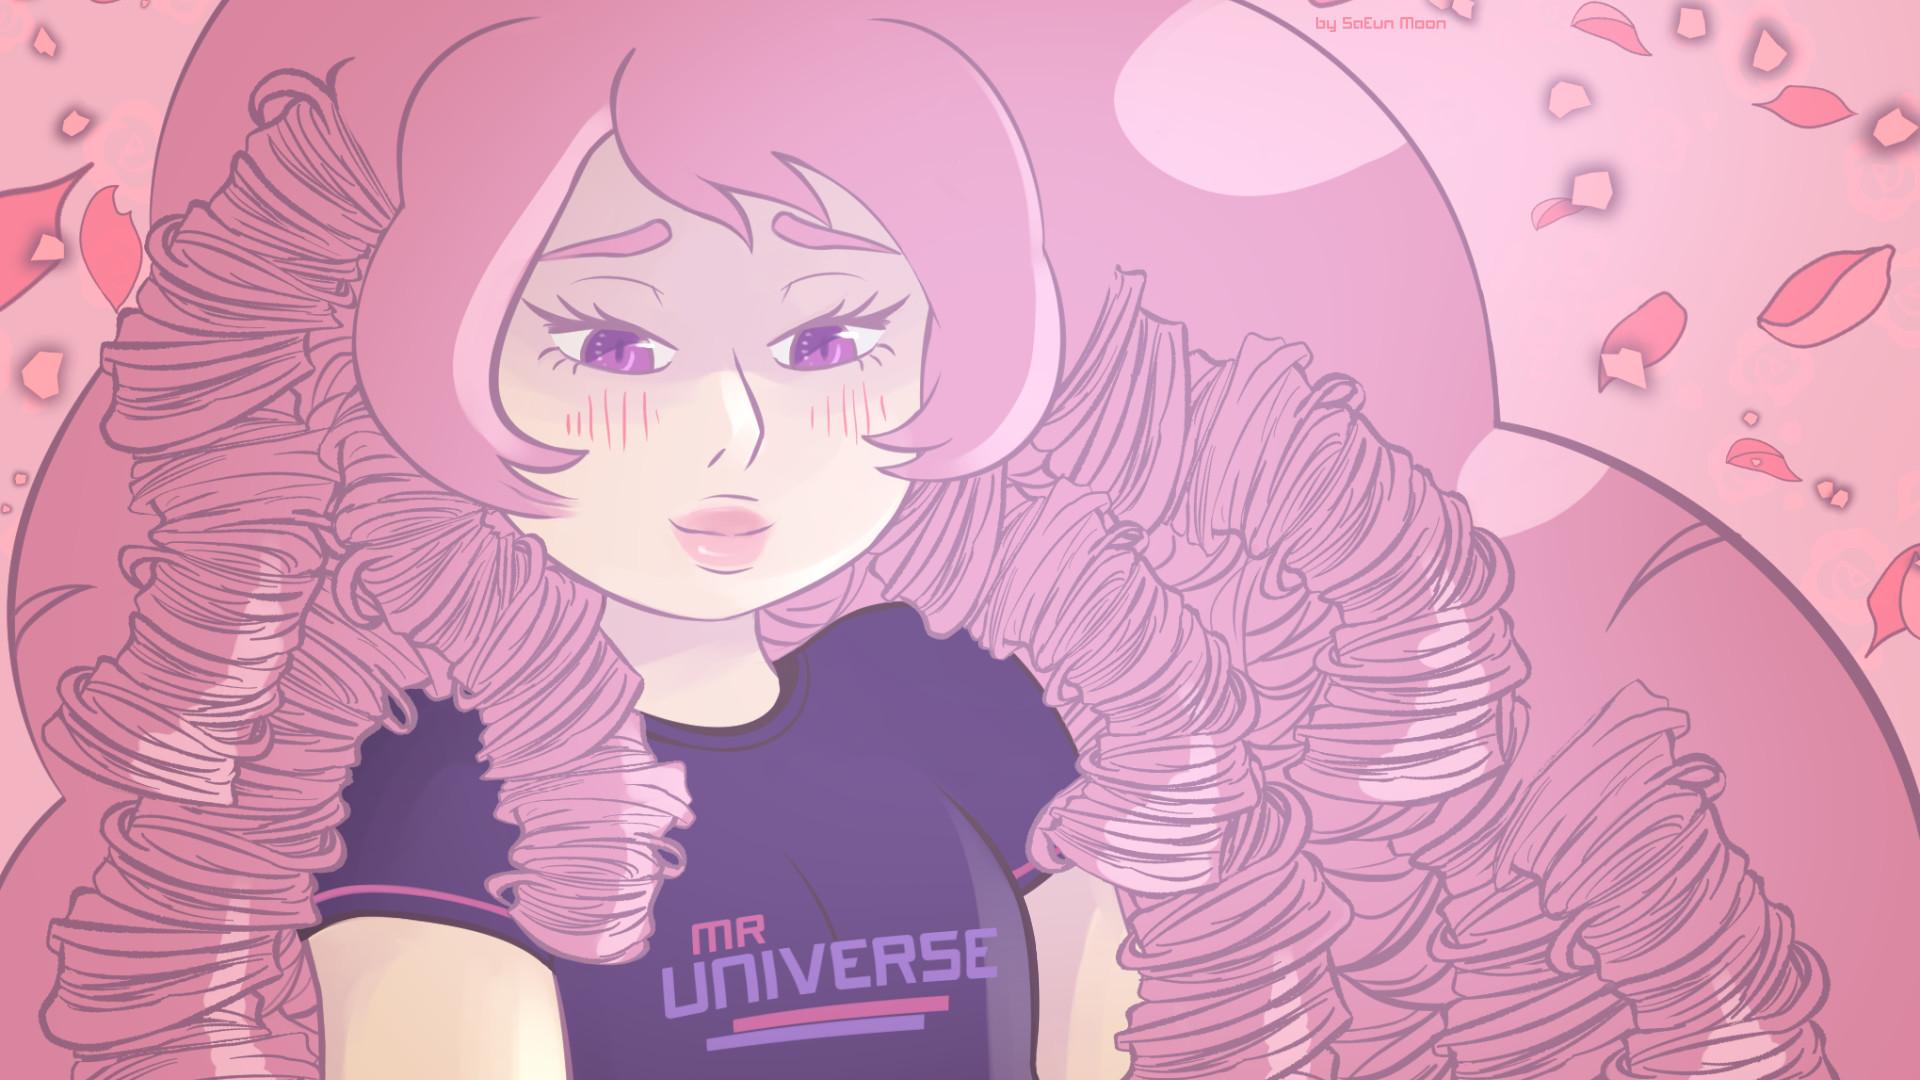 Rose Quartz Desktop Wallpaper by SaEun on DeviantArt